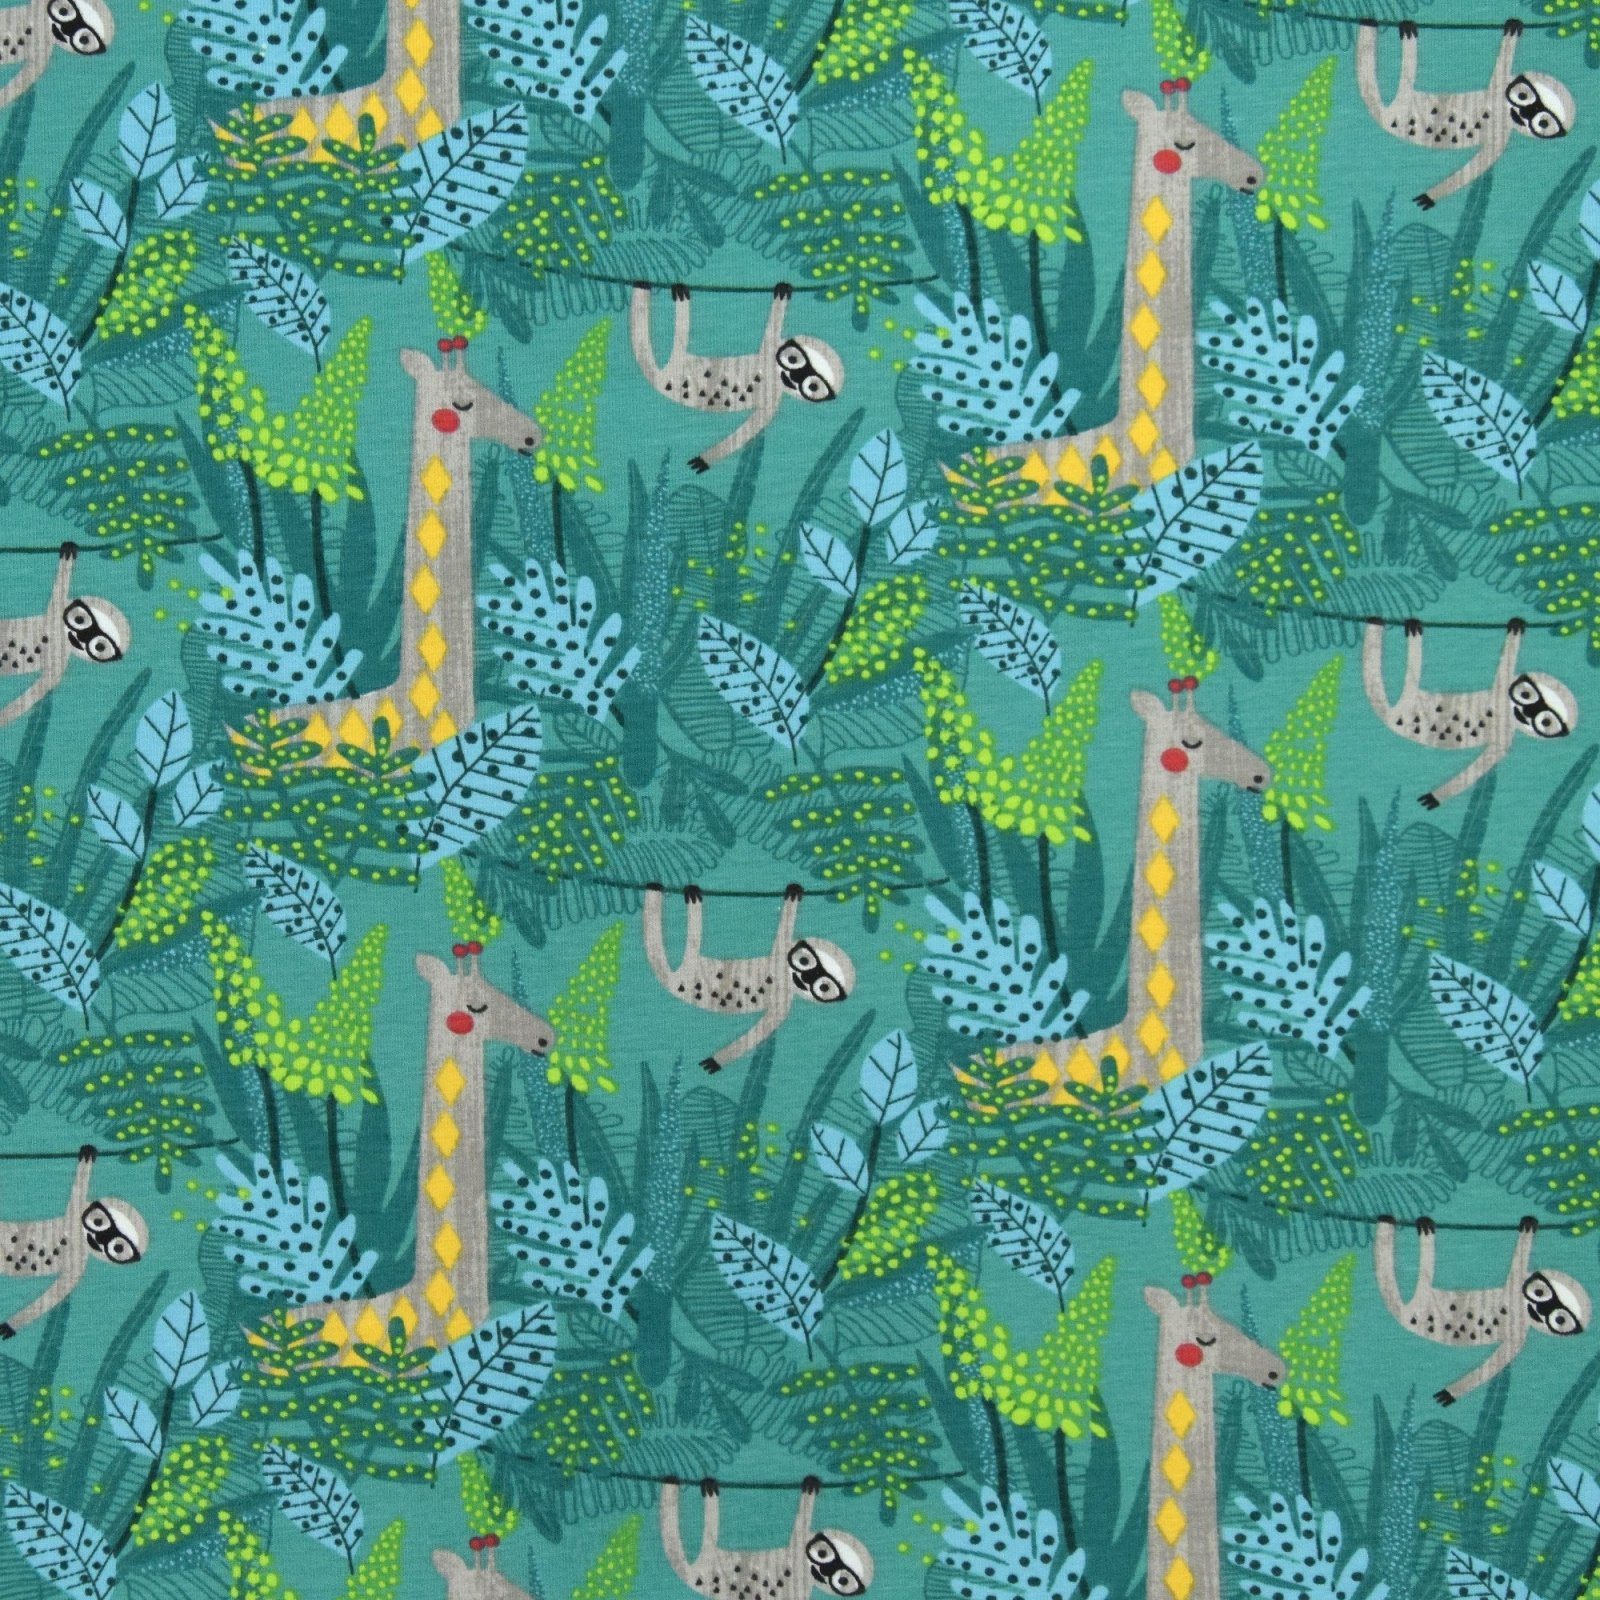 Stof Jersey- Lemurs and Giraffes Jungle